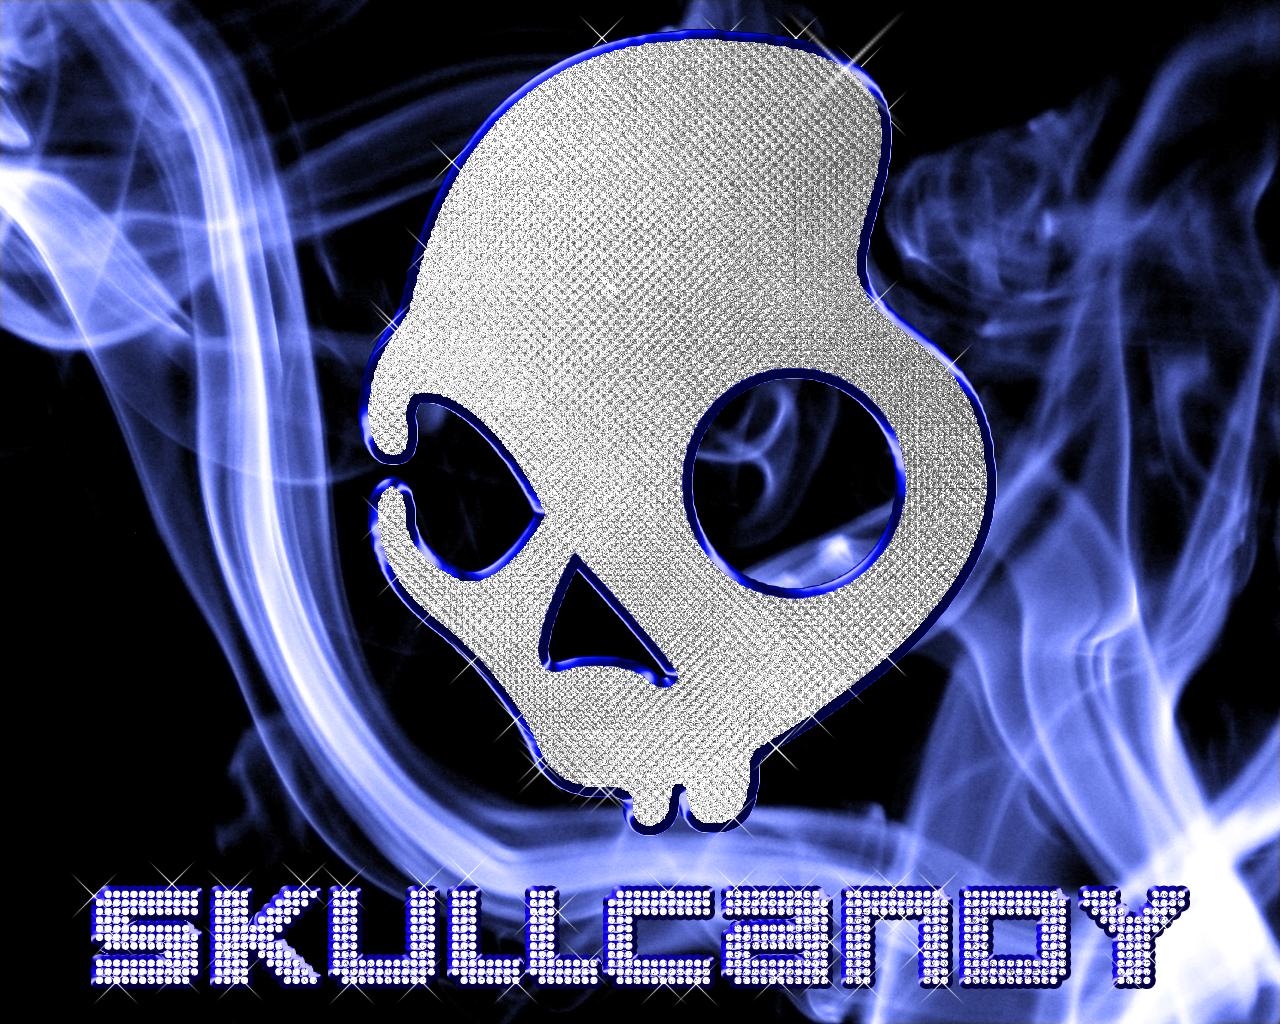 skullcandy logo wallpaper - photo #15